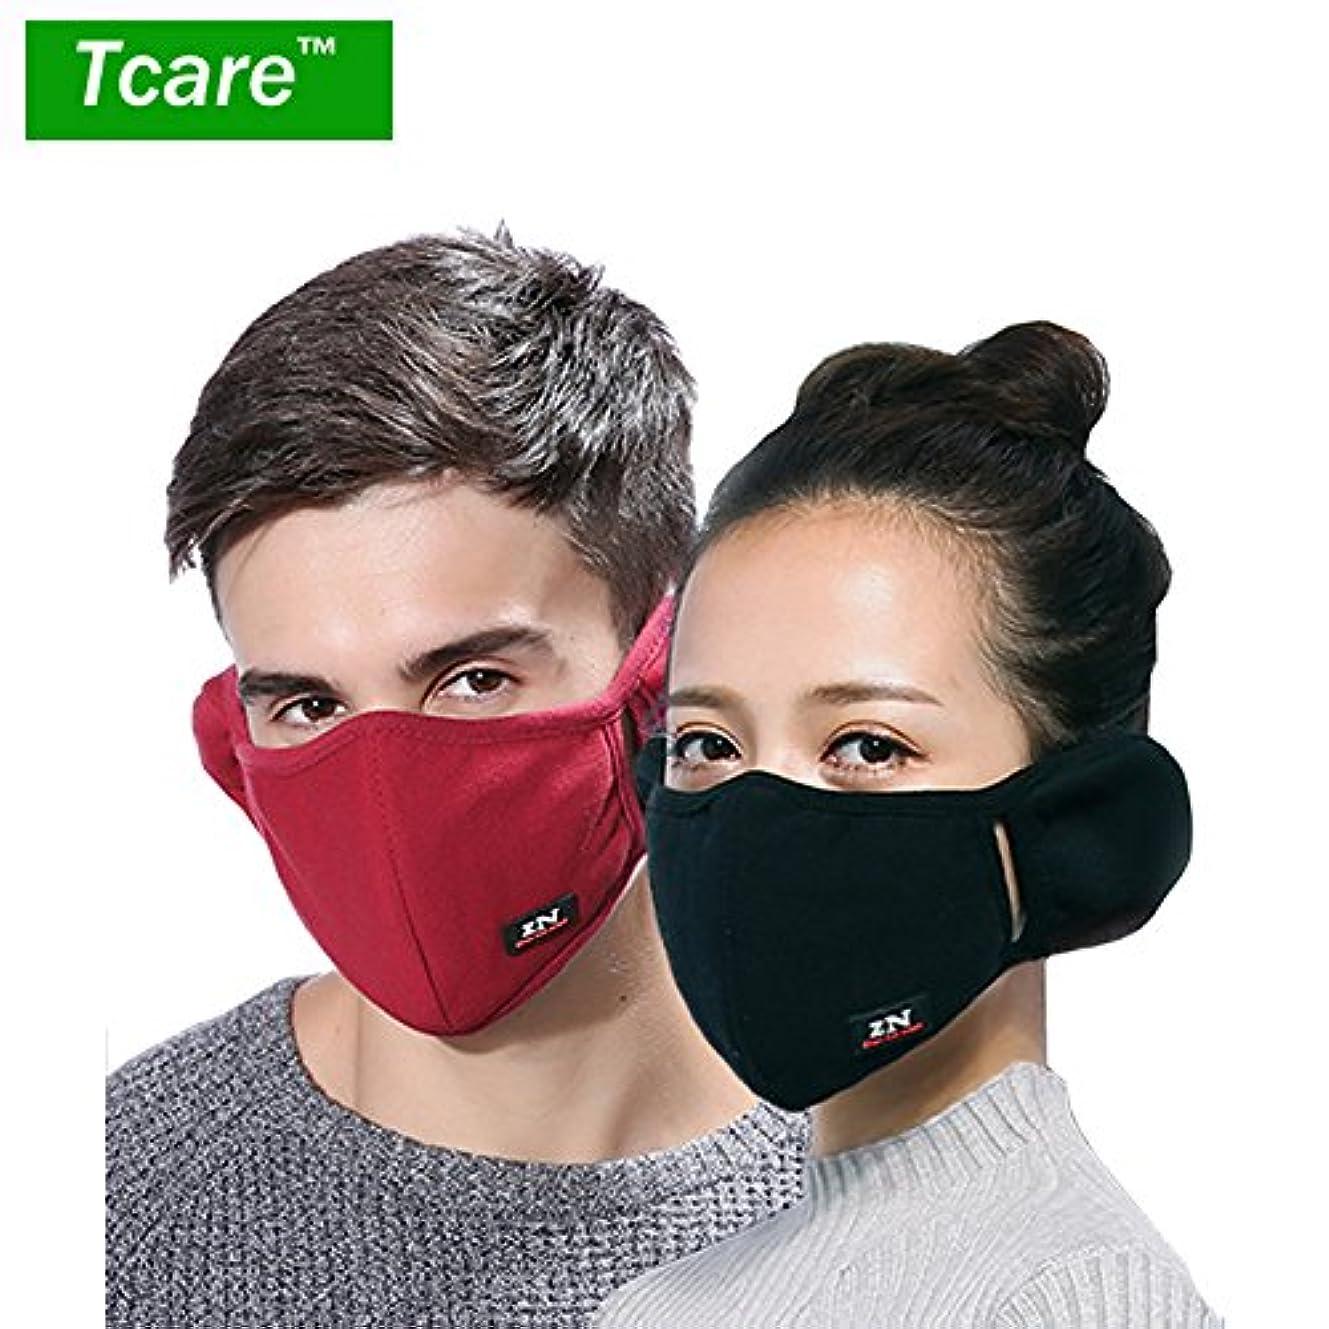 男性女性の少年少女のためのTcare呼吸器2レイヤピュアコットン保護フィルター挿入口:3ライト